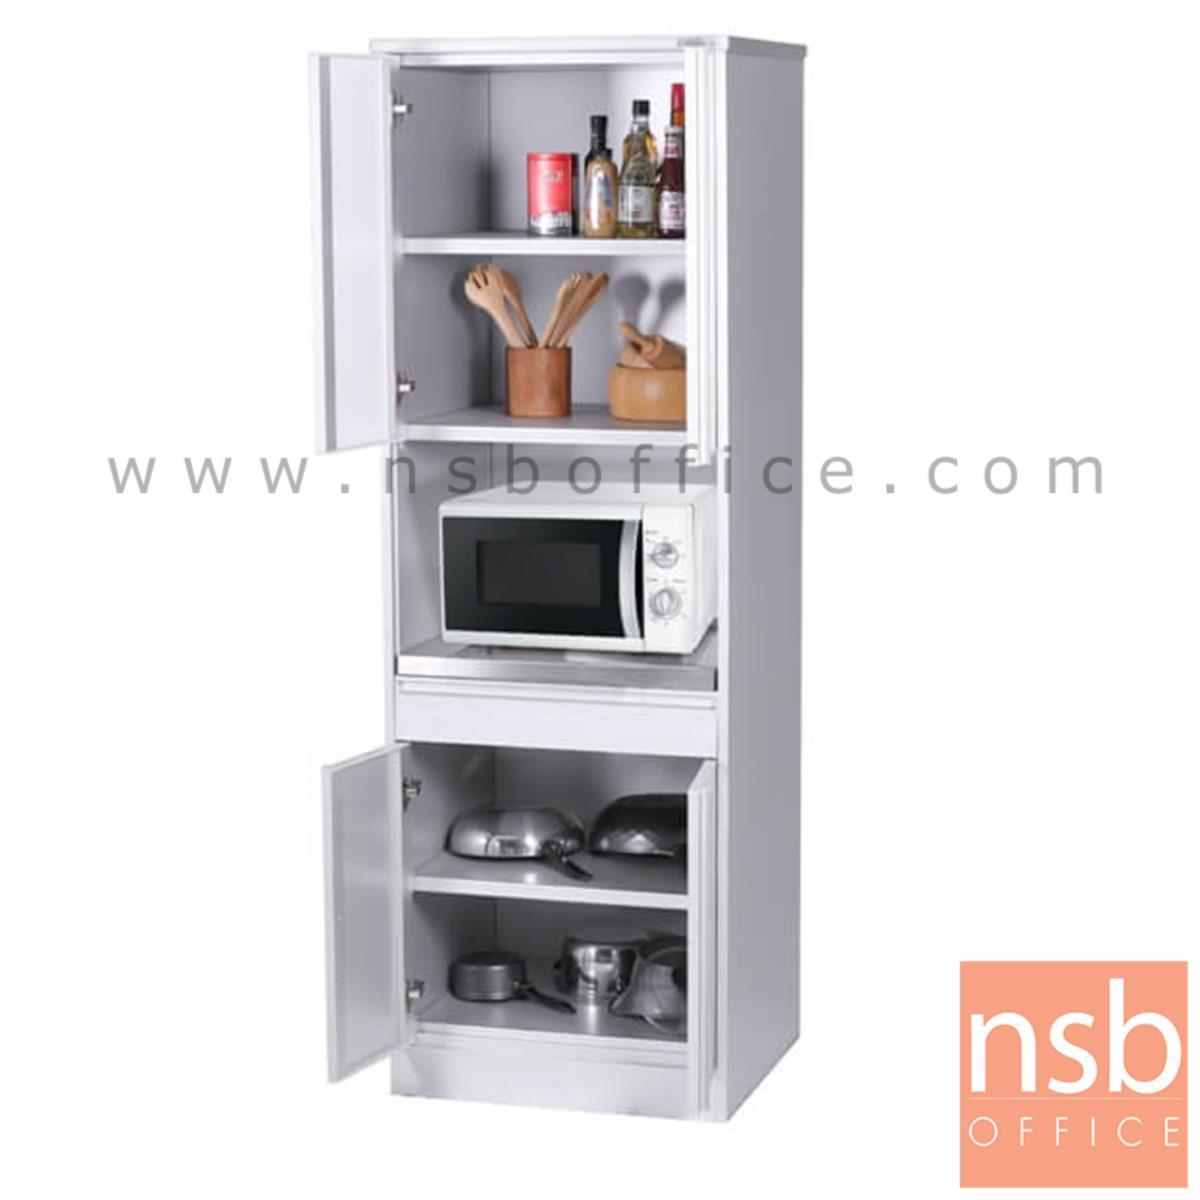 ตู้ครัวไมโครเวฟ รุ่น MCB-AC 4 บานเปิด